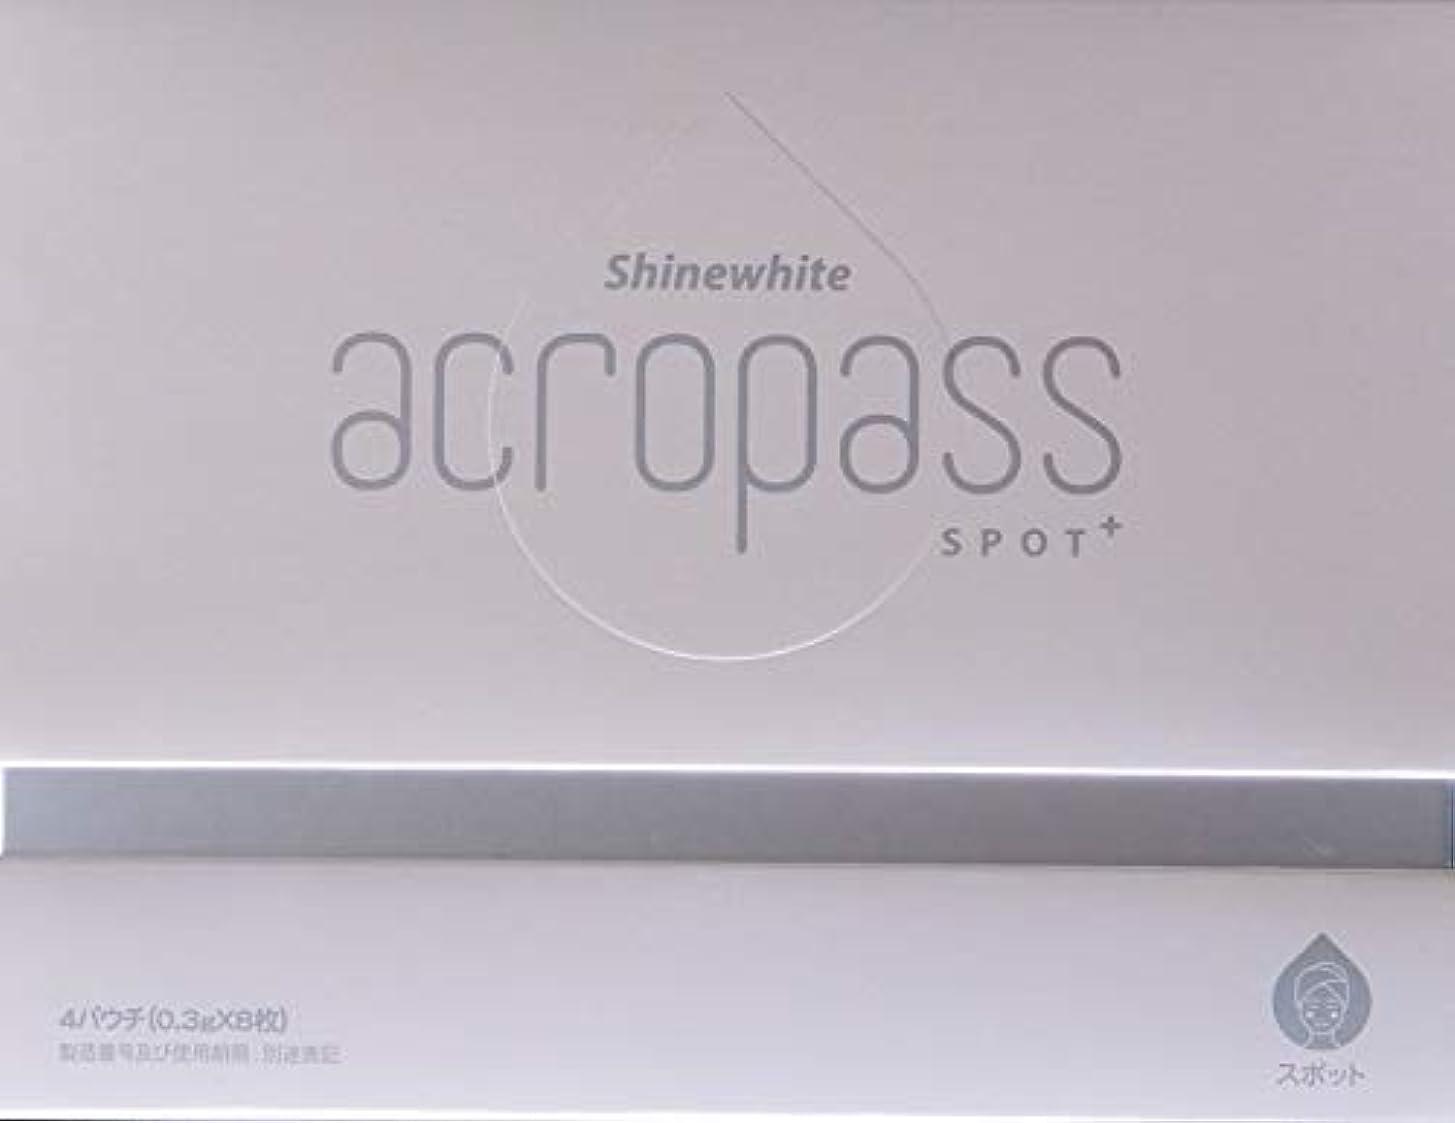 ユニークな通り瞑想的アクロパス スポットプラス 1箱:4パウチ(1パウチに2枚入り)【送料無料】美白効果をプラスしたアクロパス、ヒアルロン酸+4種の美白成分配合マイクロニードルパッチ